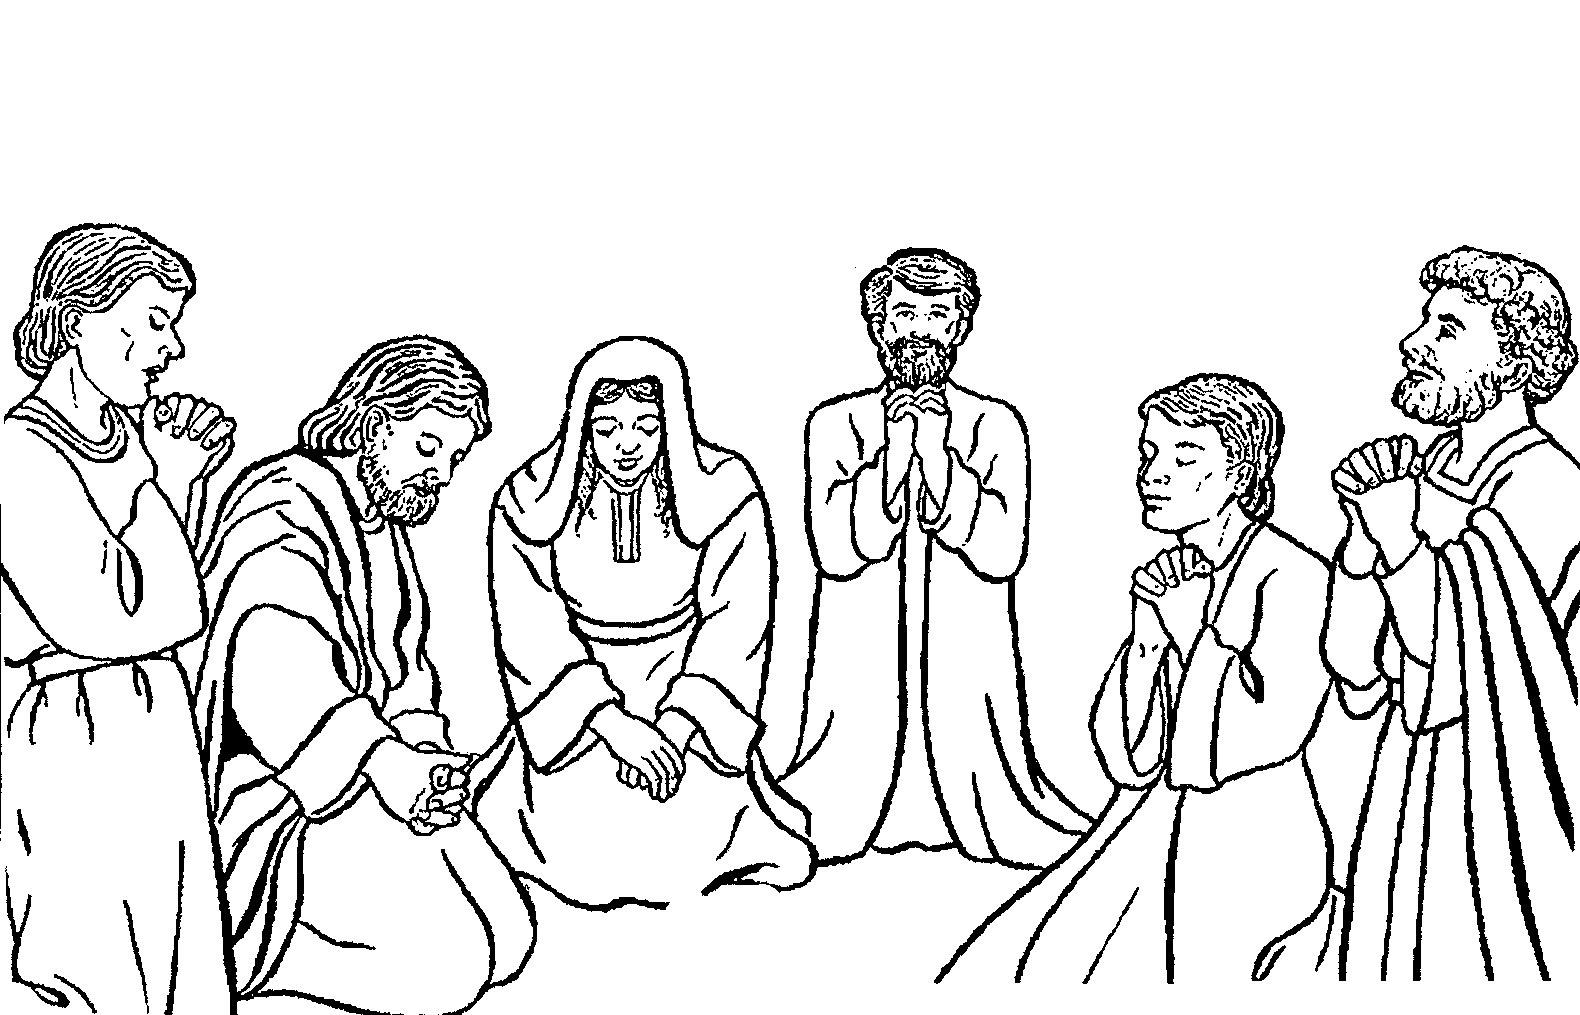 35 Ide Gambar Sketsa Orang Berdoa Kristen Tea And Lead